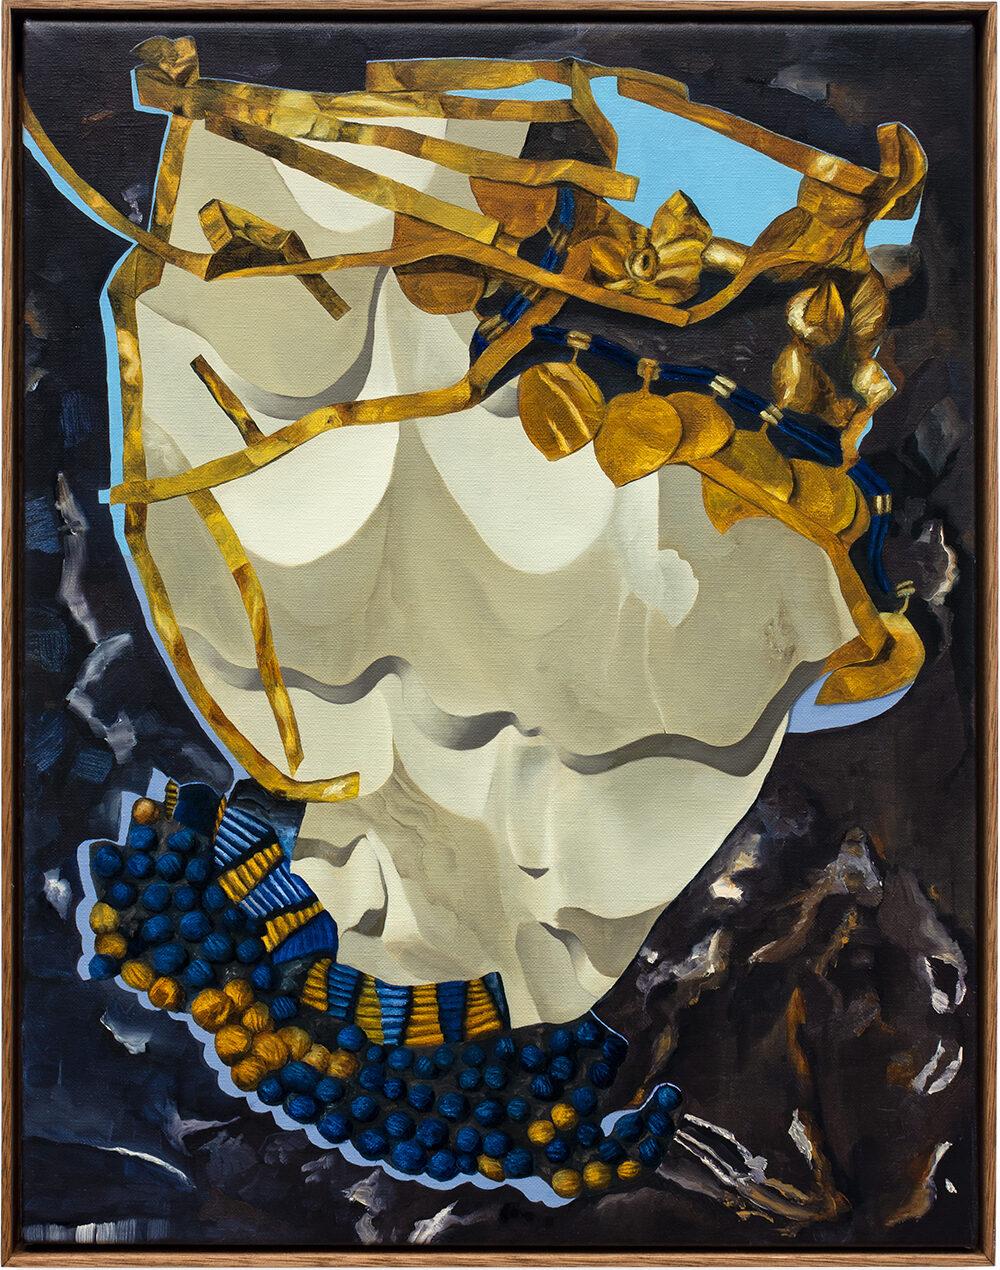 Painting: Pareidolia